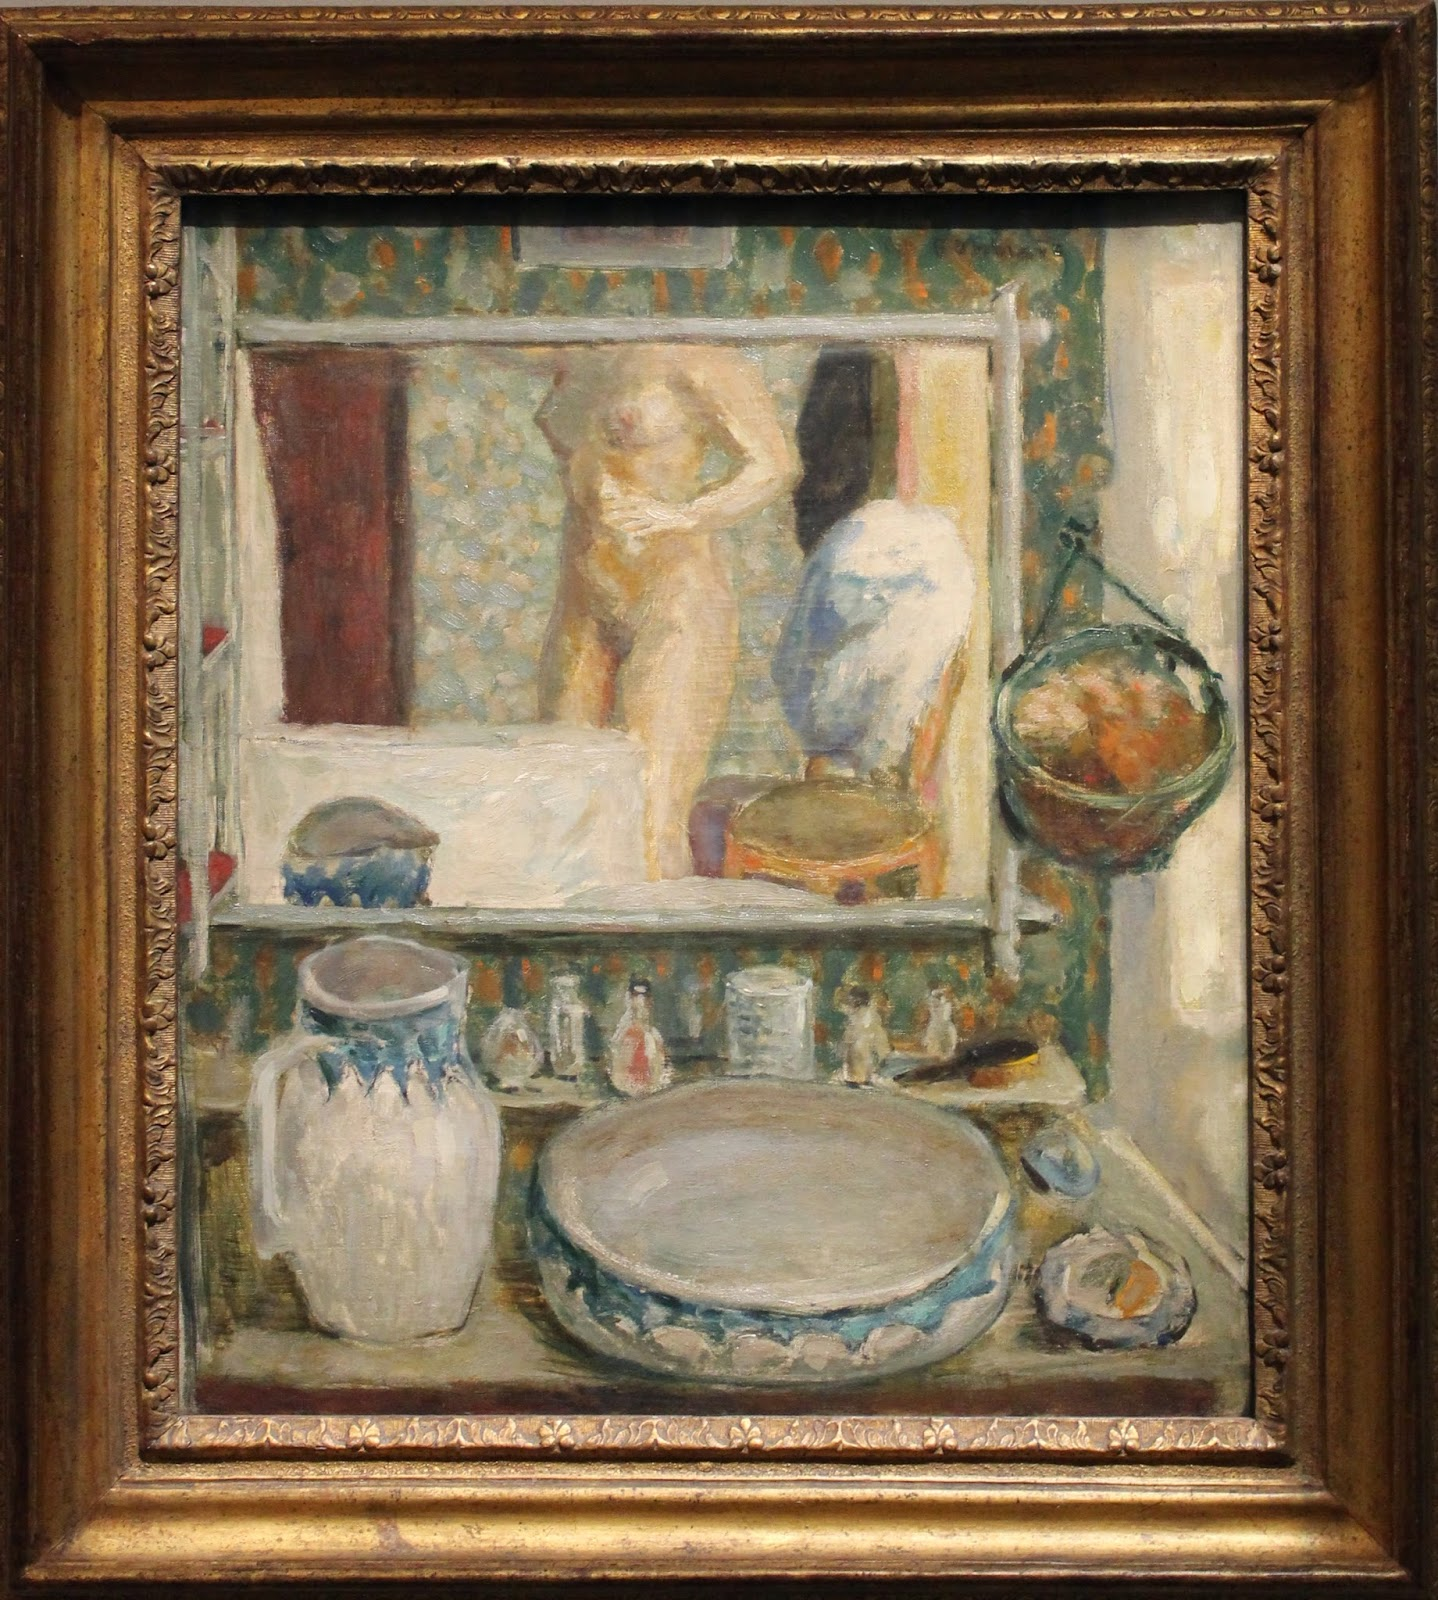 Le fl¢neur des deux monts Bonnard effets de miroir